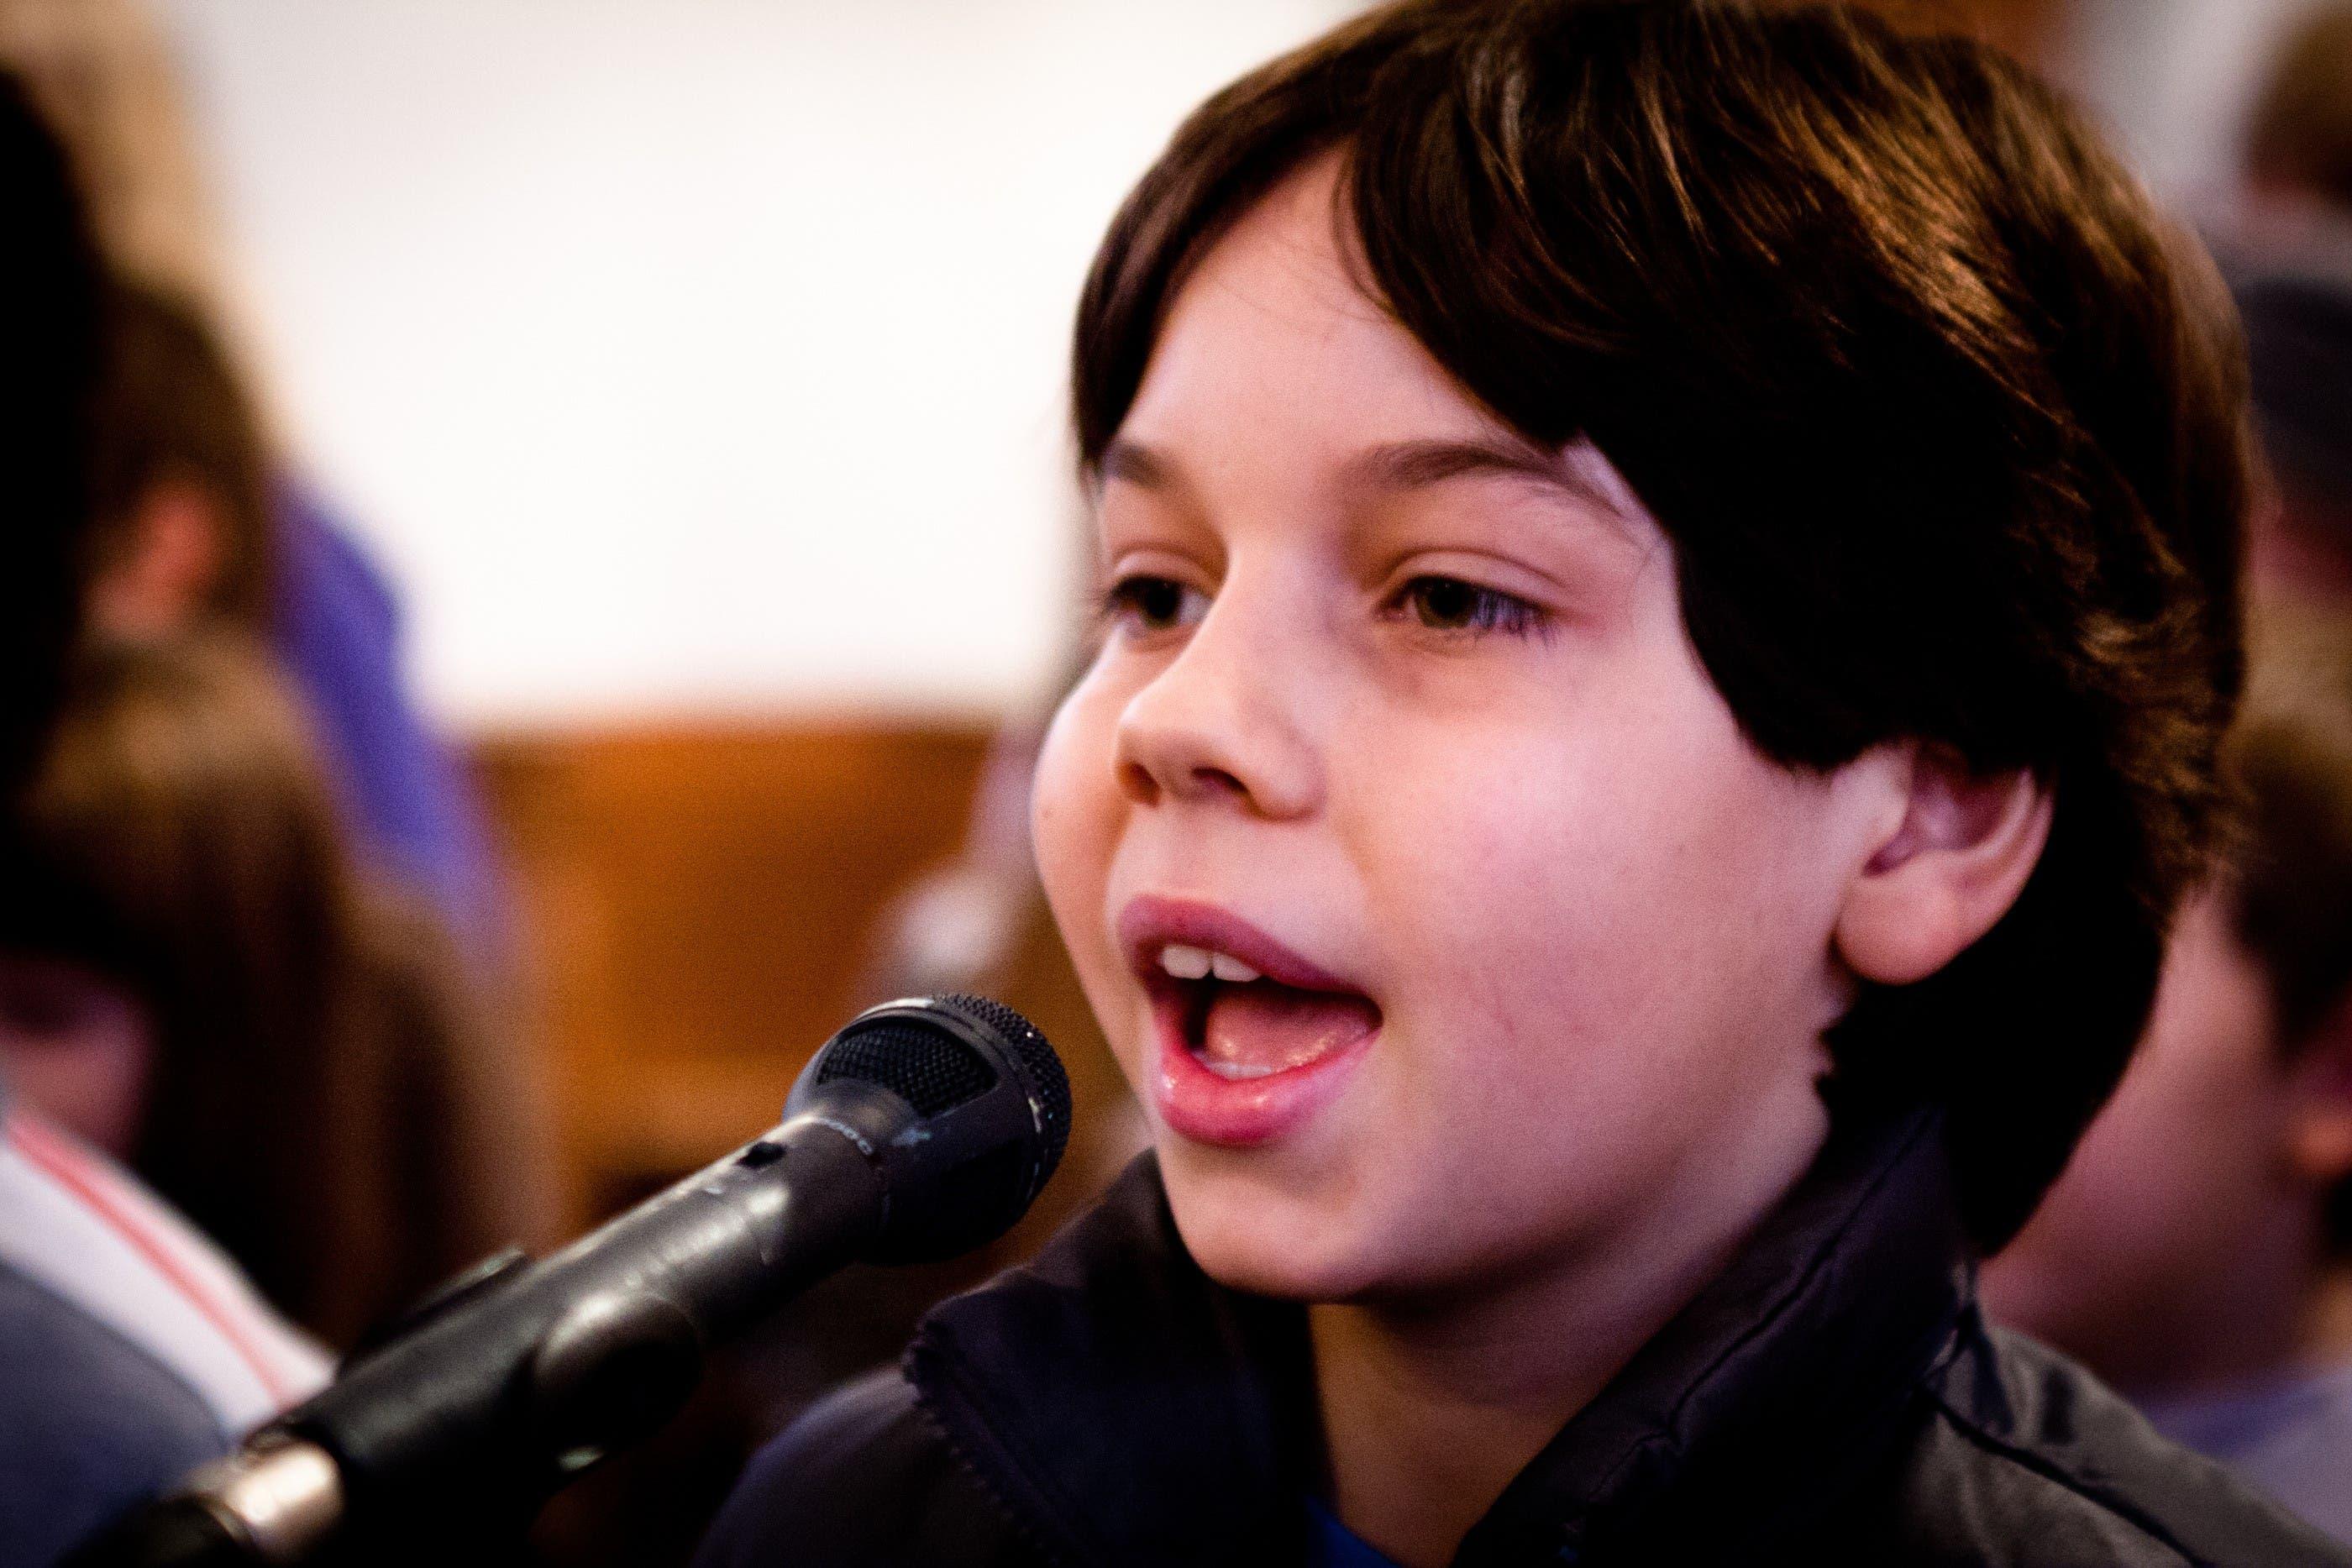 Keiner zu klein, ein Sänger zu sein